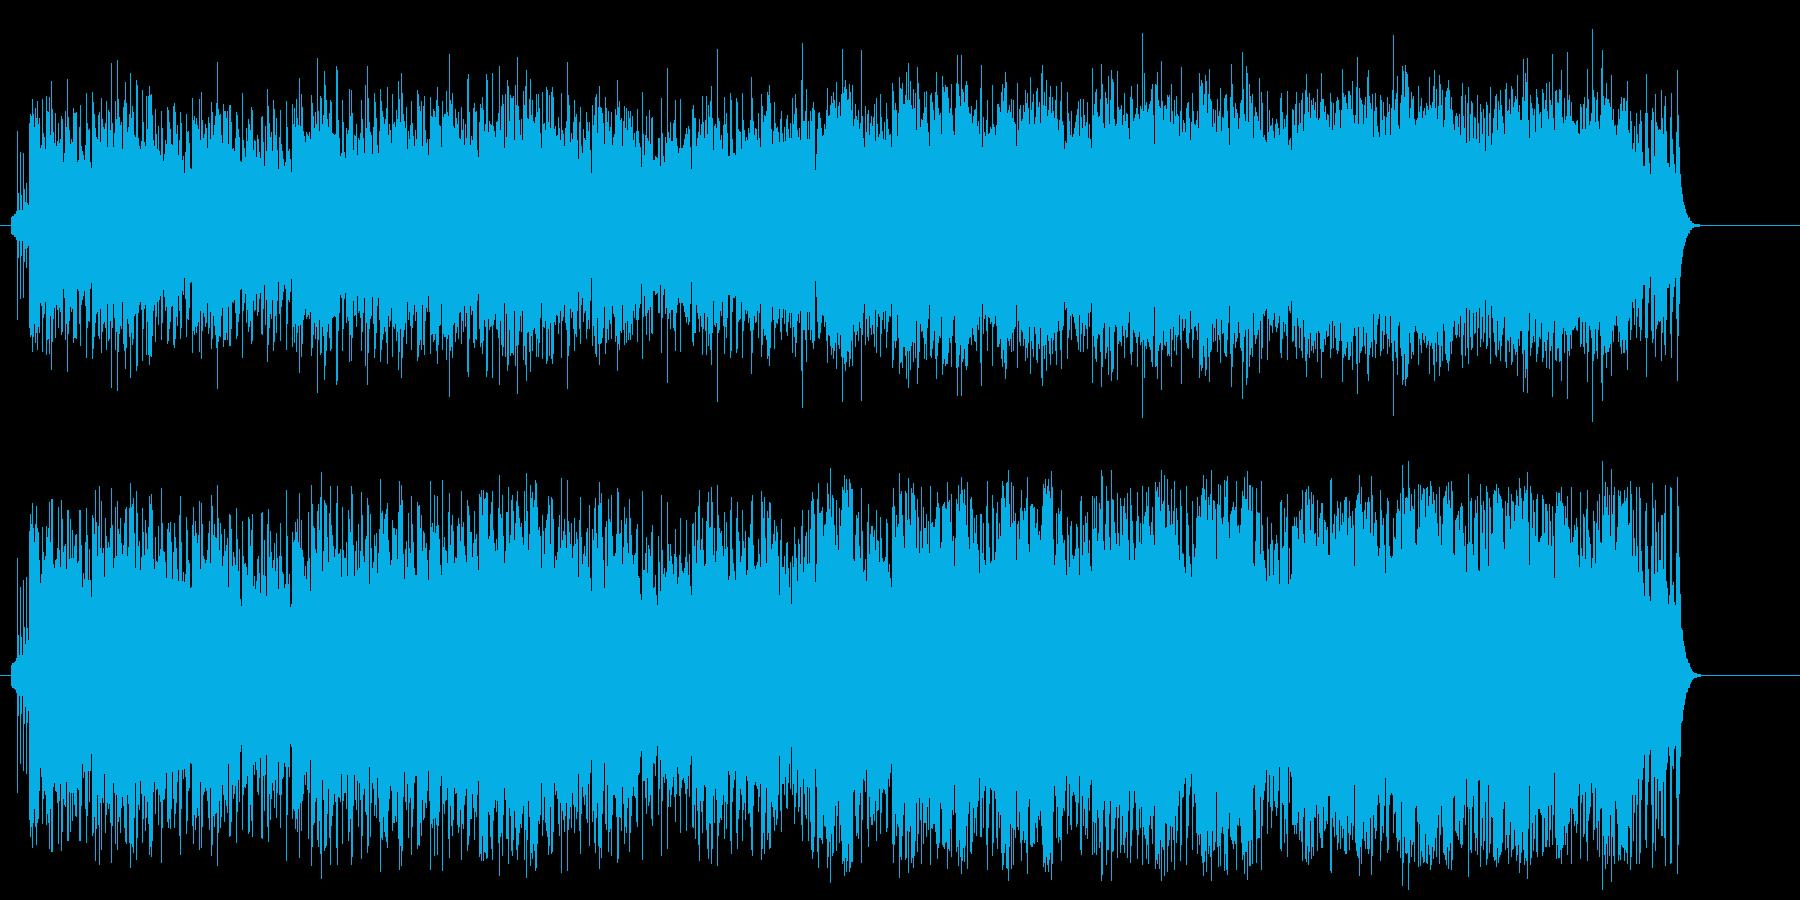 懐かしいソウル風ポップスの再生済みの波形